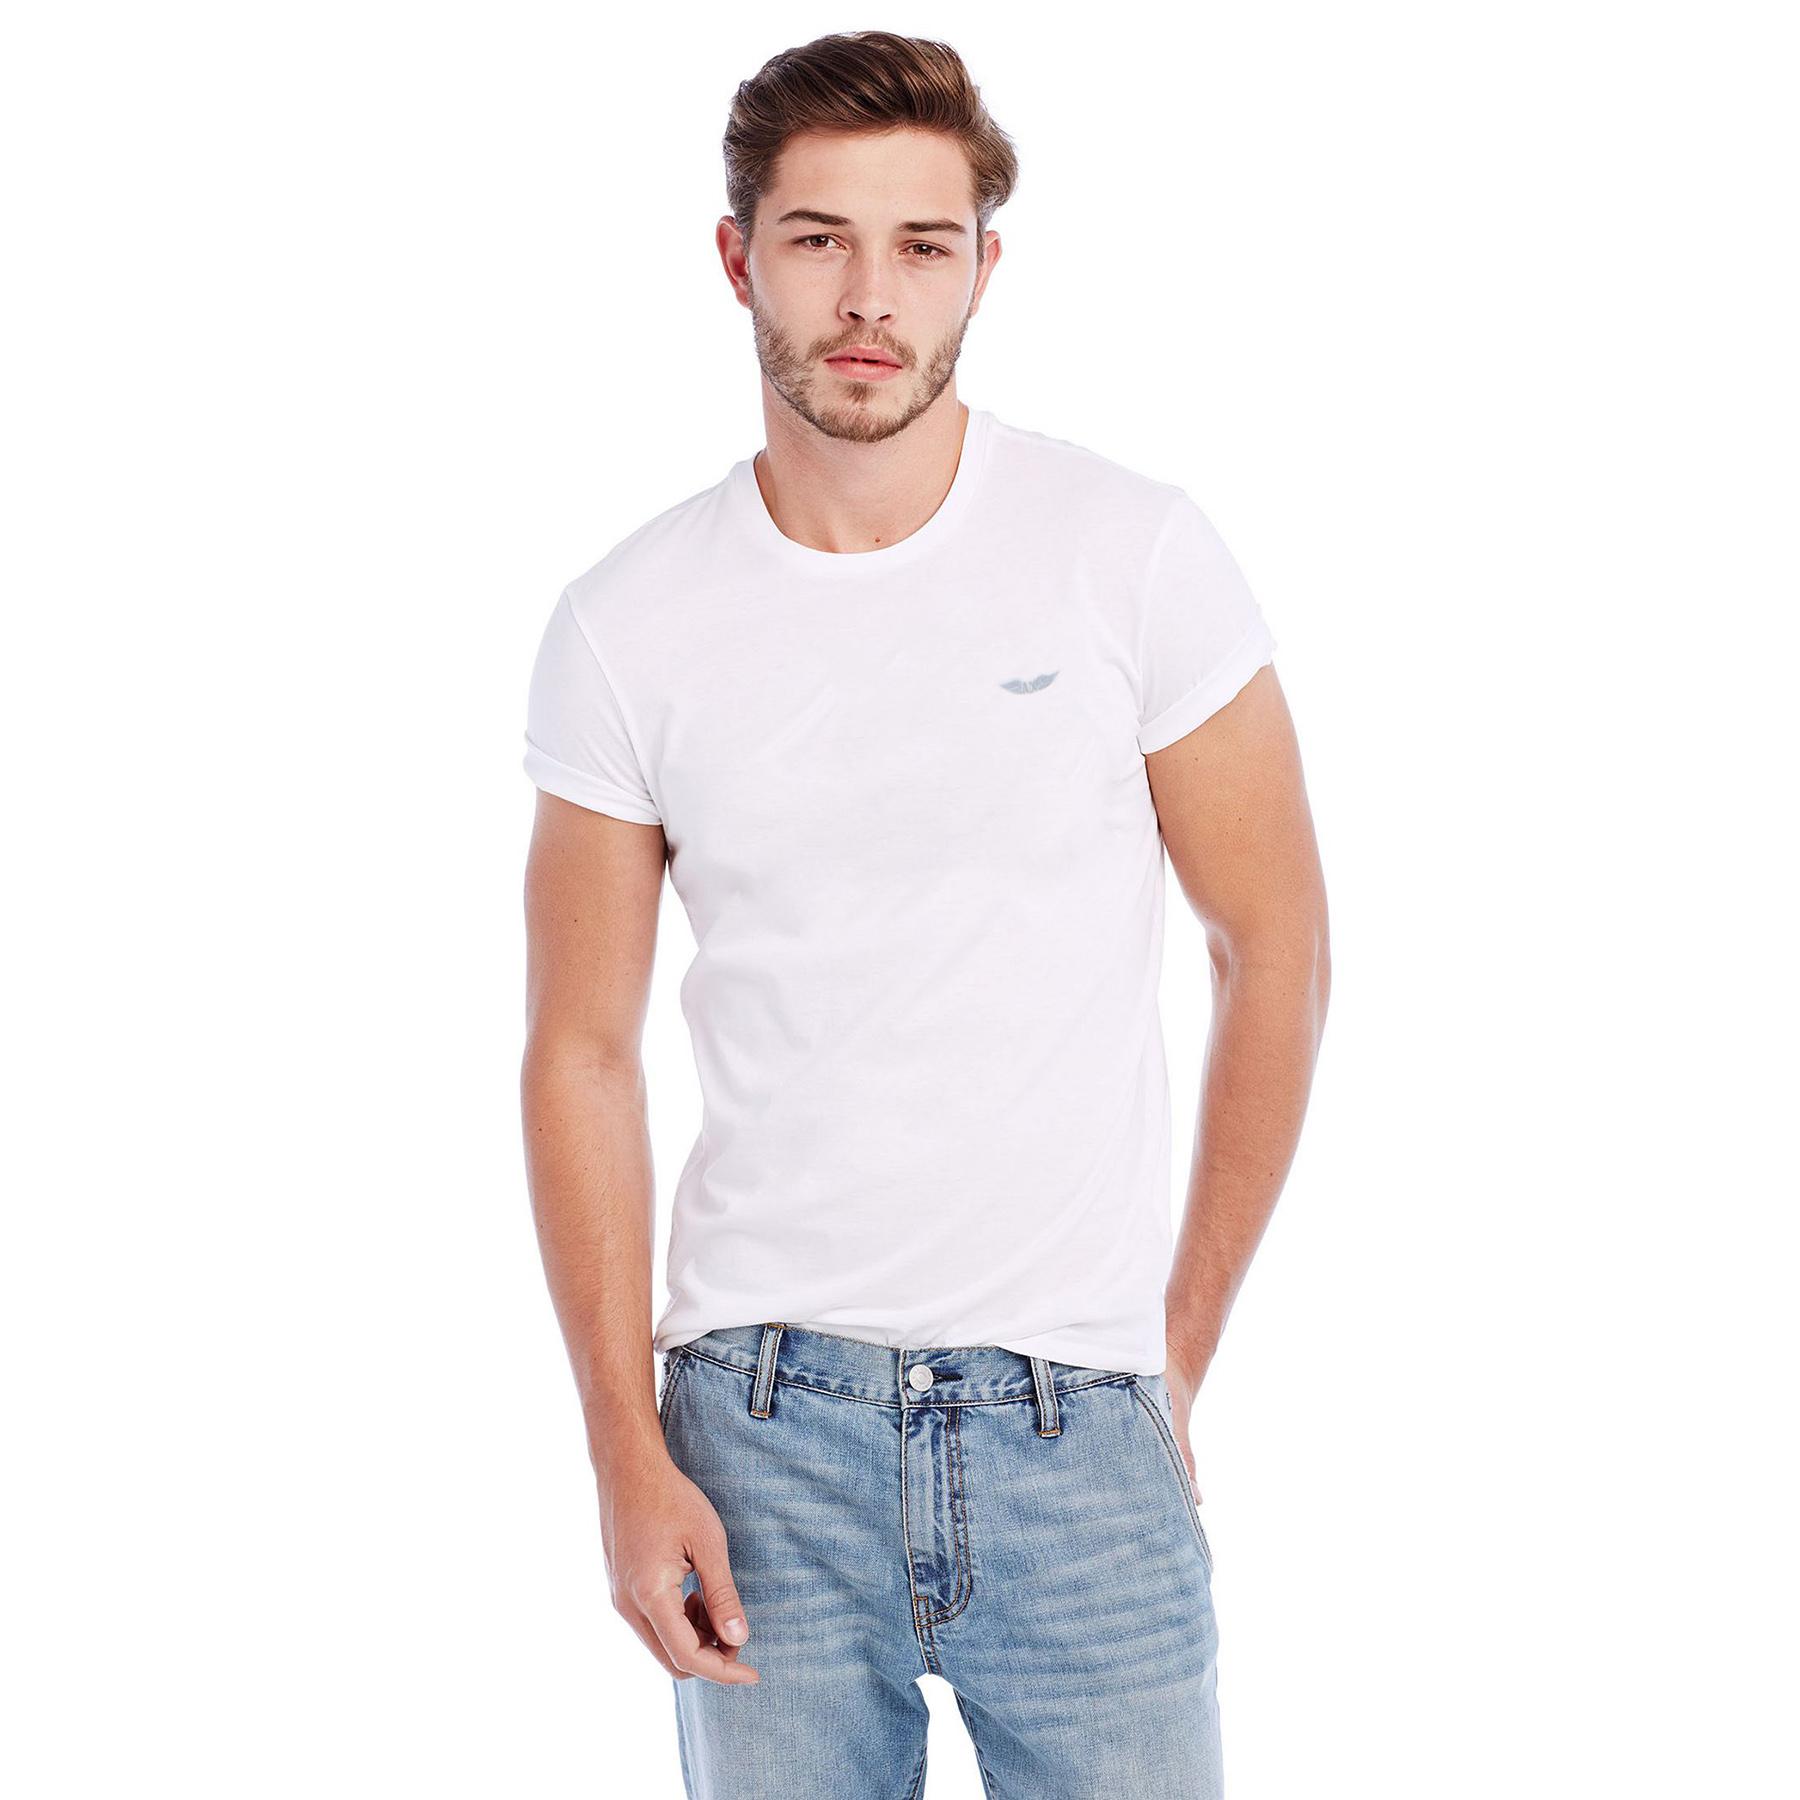 美國百分百【Armani Exchange】T恤 AX 短袖 logo 上衣 T-shirt 白色 素T 男 S號 C753